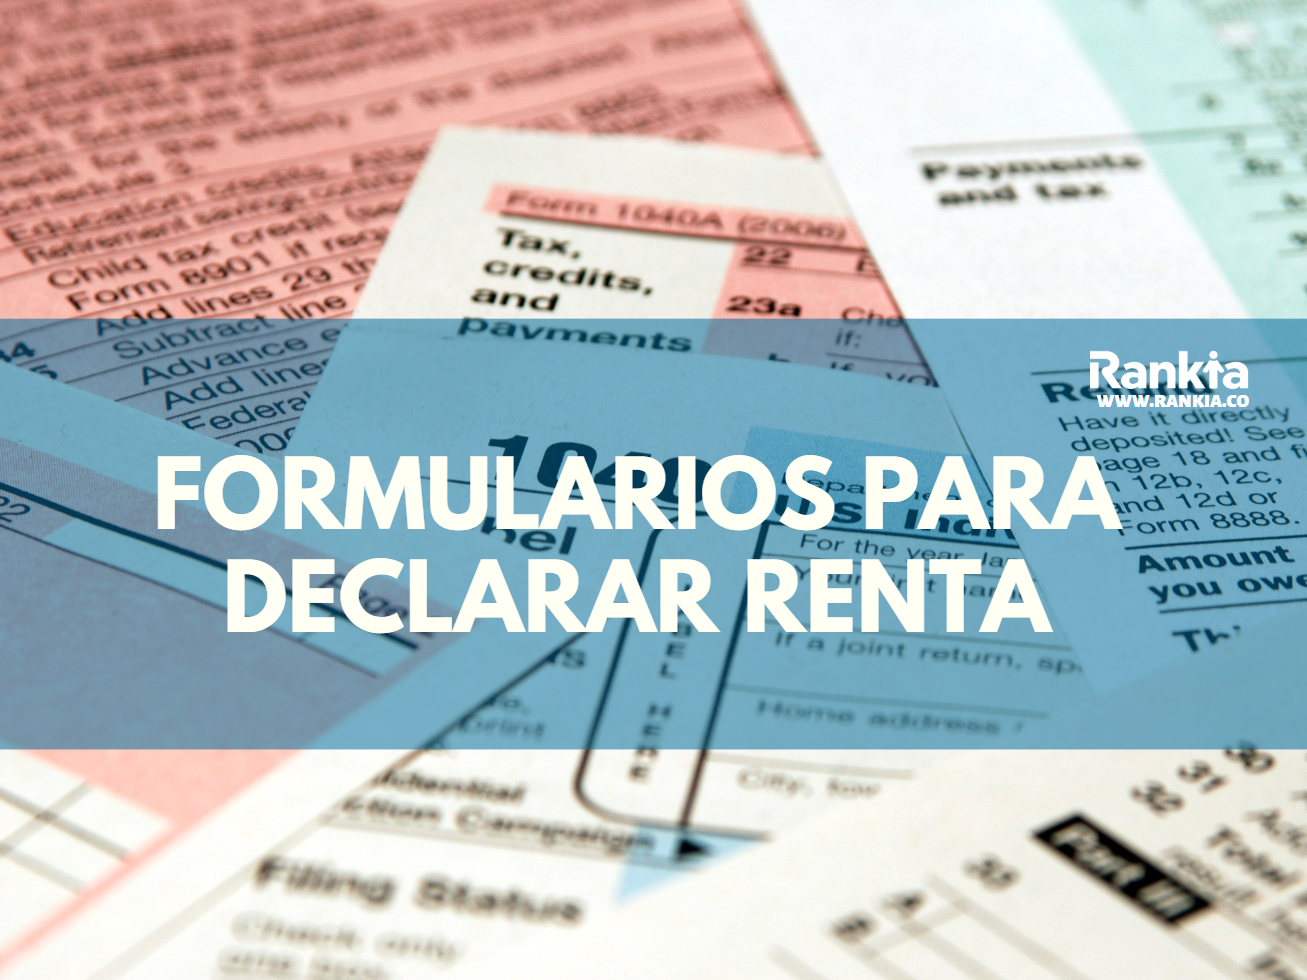 ¿Cómo diligenciar los formularios para declarar renta?